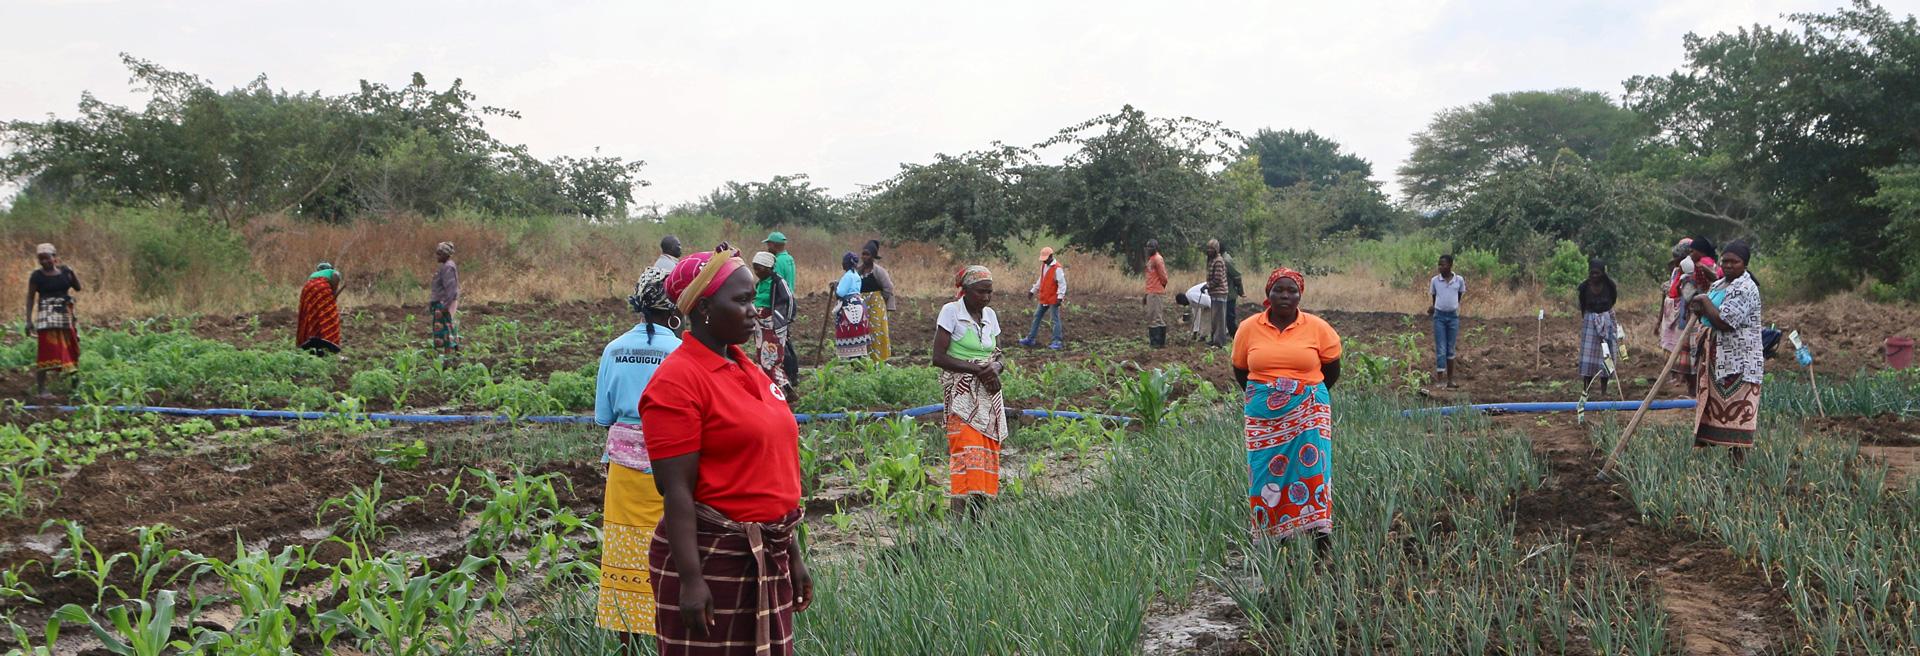 Frauen arbeiten auf einem Feld in Mosambik